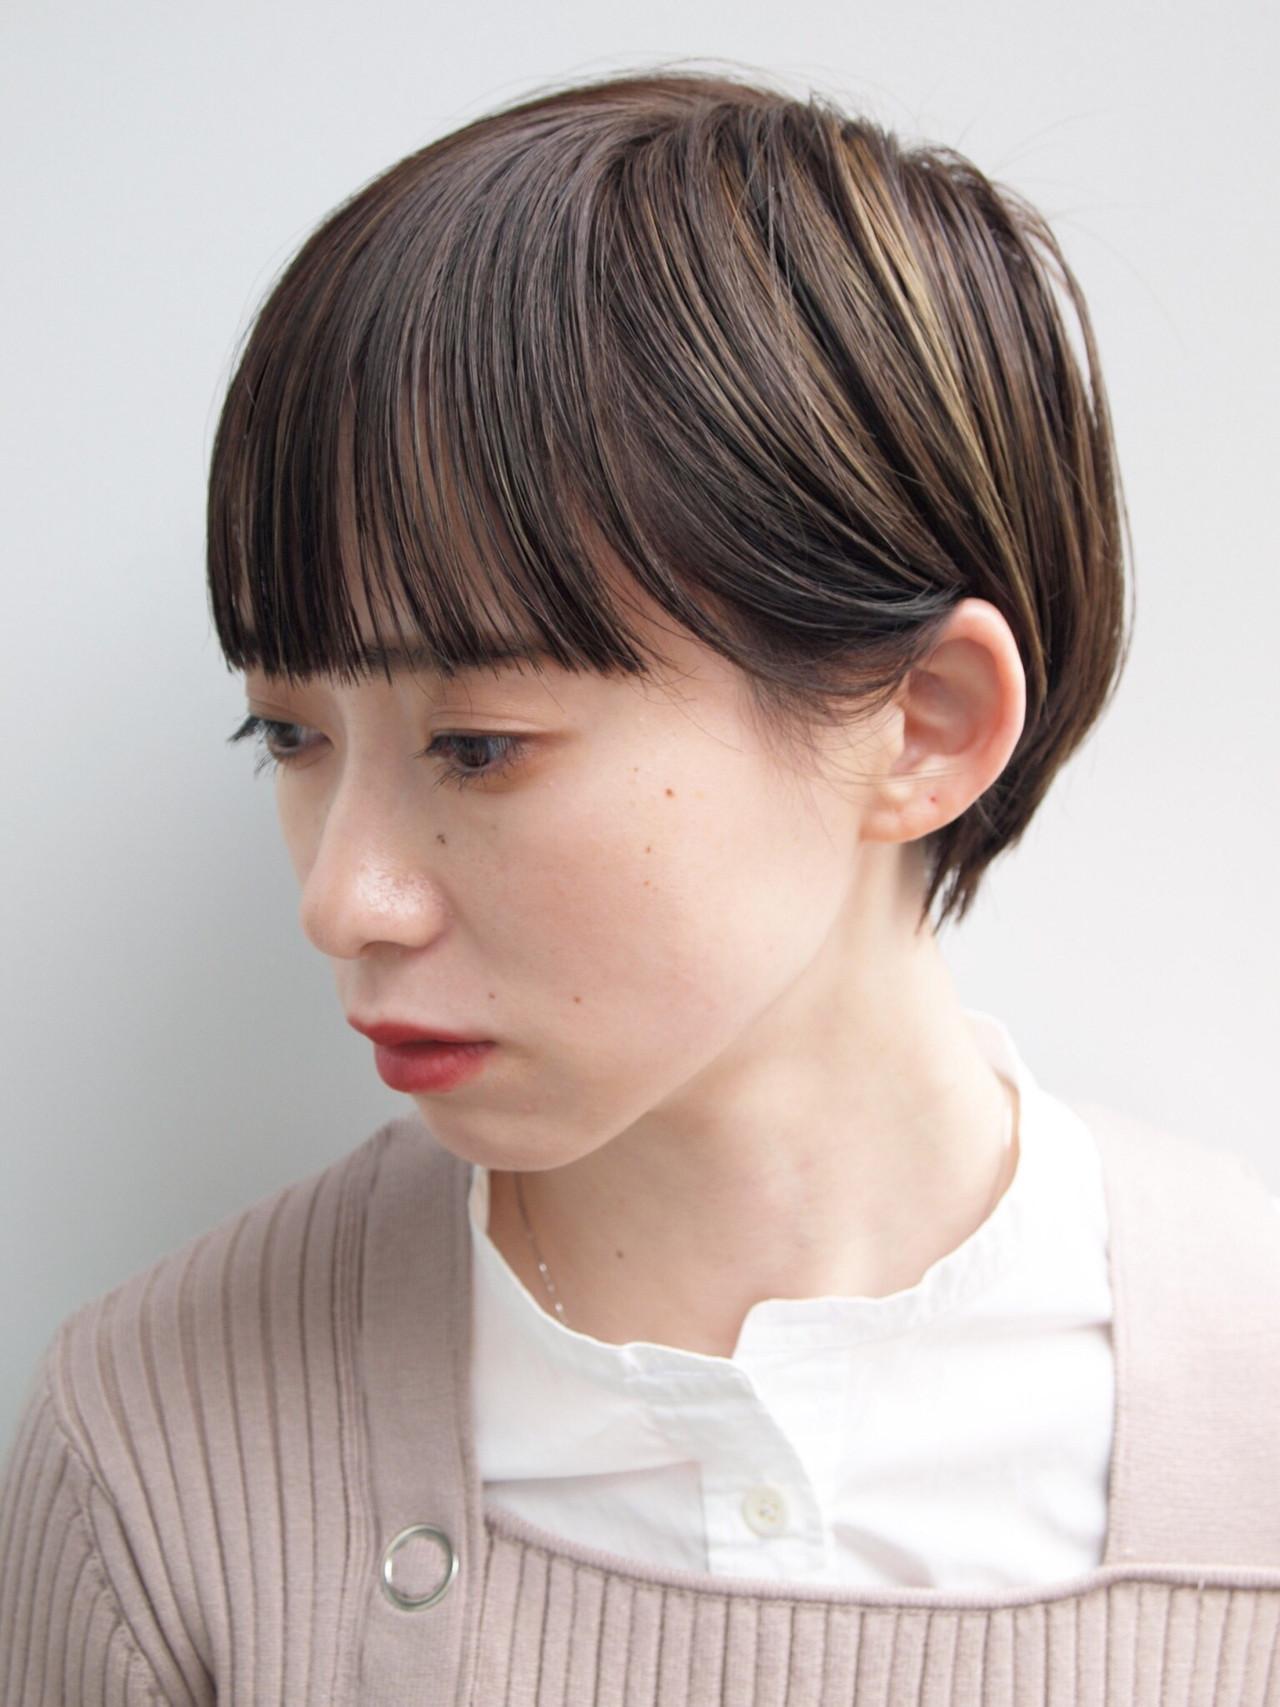 前髪パッツン ショートヘア ハイライト ショート ヘアスタイルや髪型の写真・画像 | 畑山拓也 / Baco.